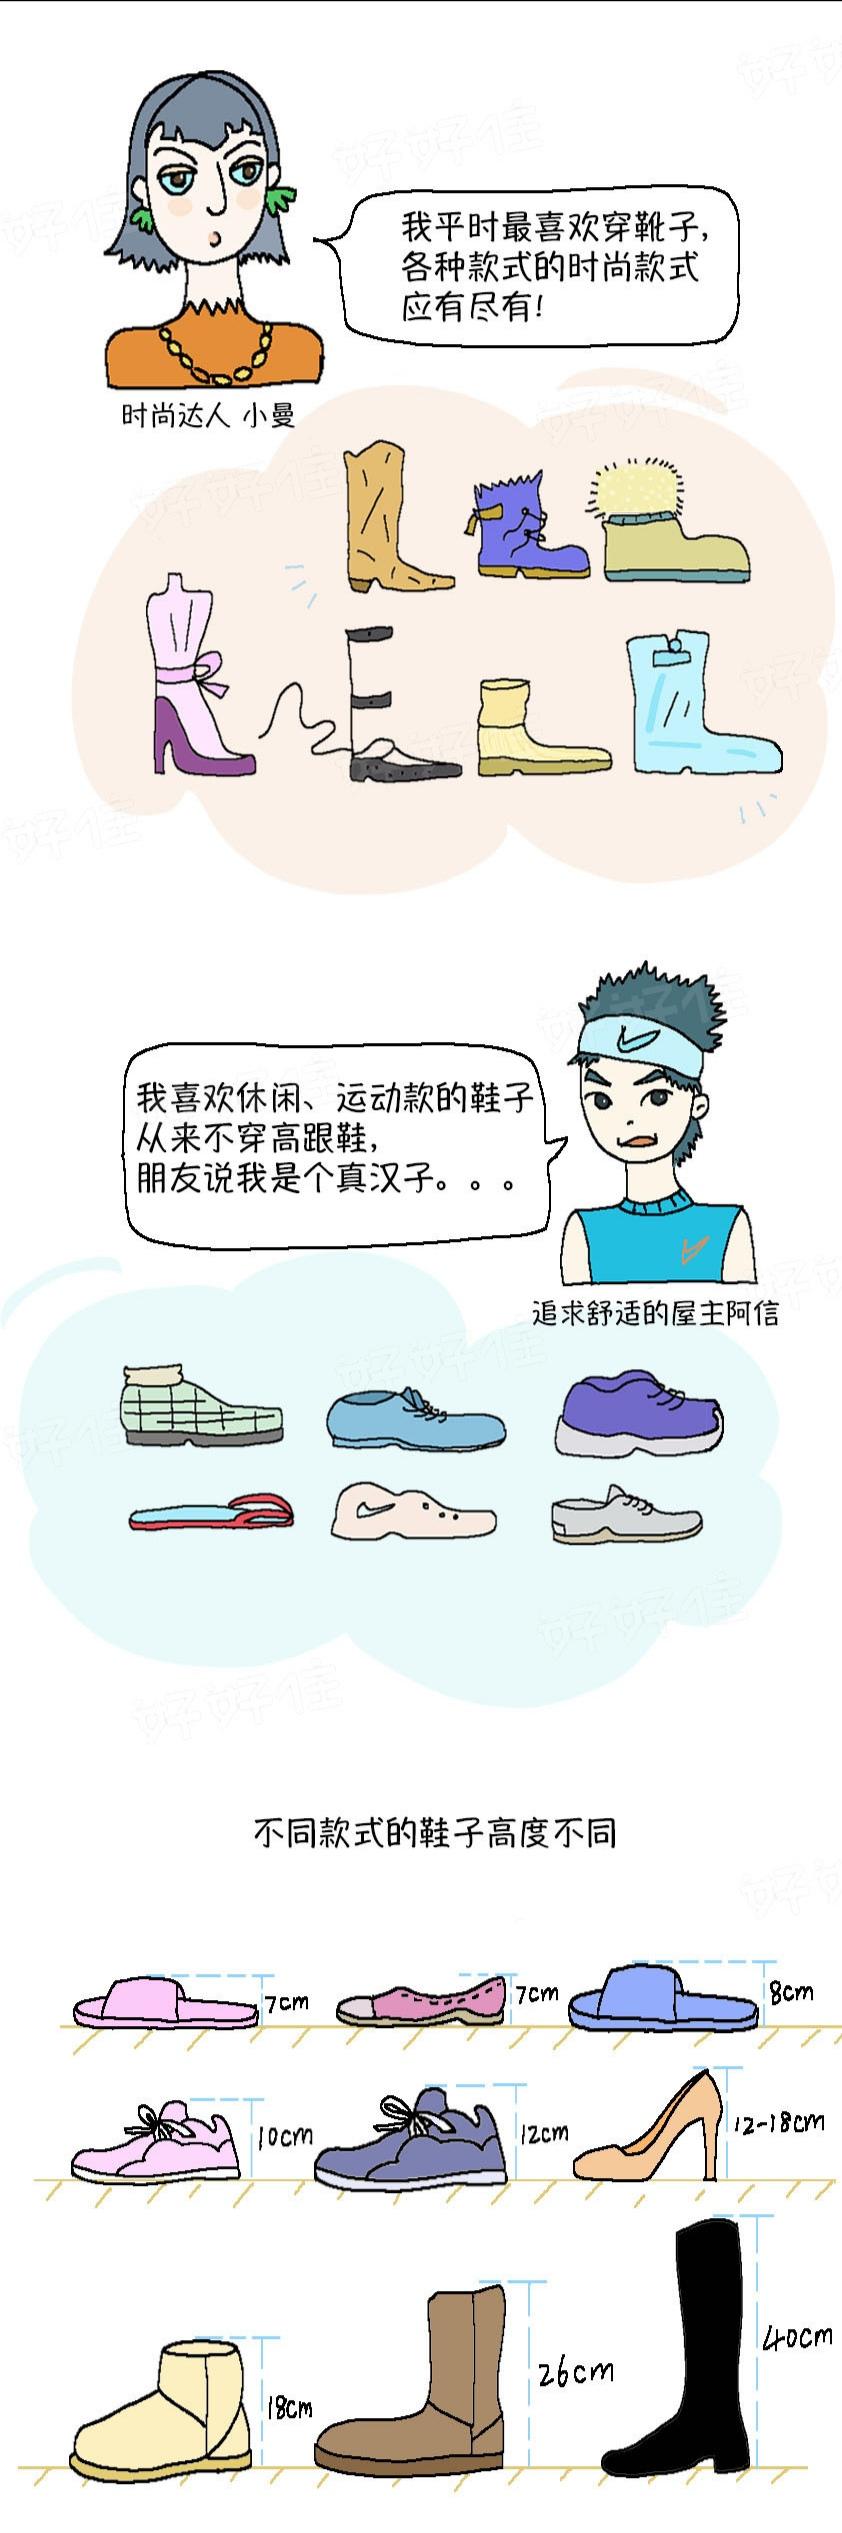 鞋子尺寸.jpg